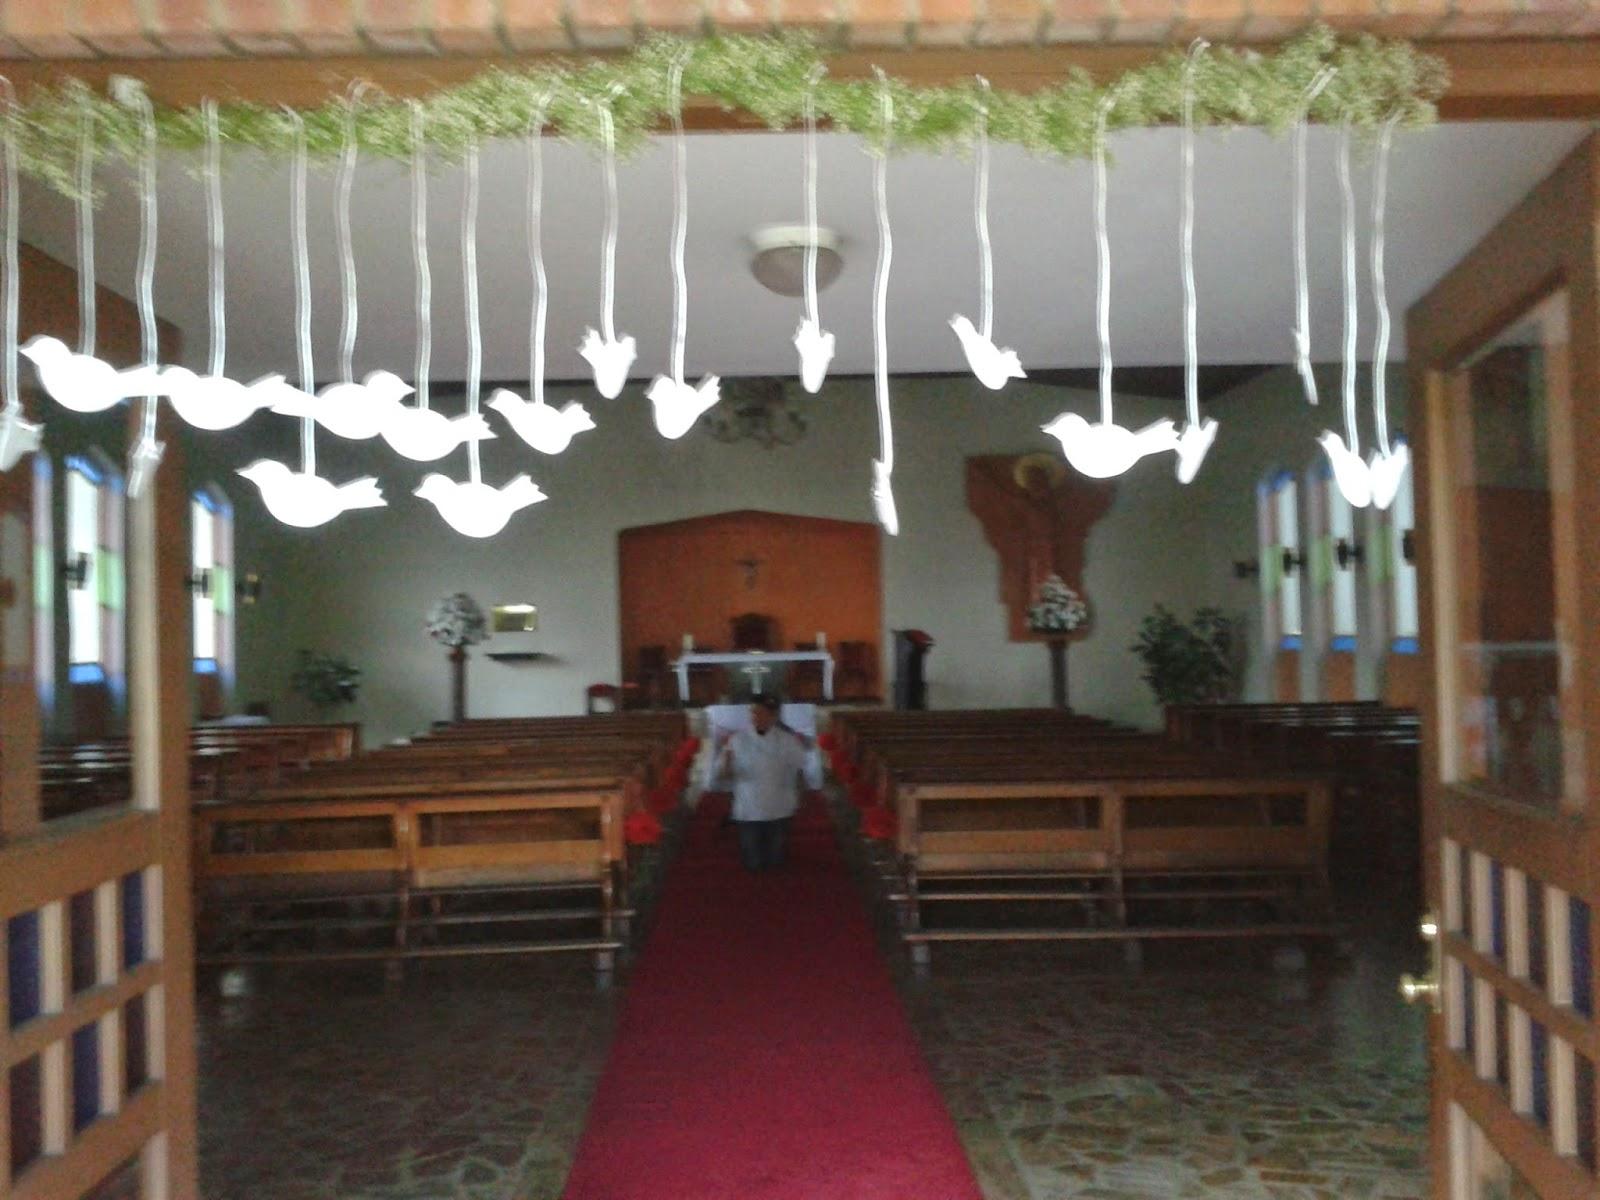 Decoracion Iglesia Para Primera Comunion ~ Si bien la decoraci?n de la capilla debe ser solemne, pon ?nfasis en